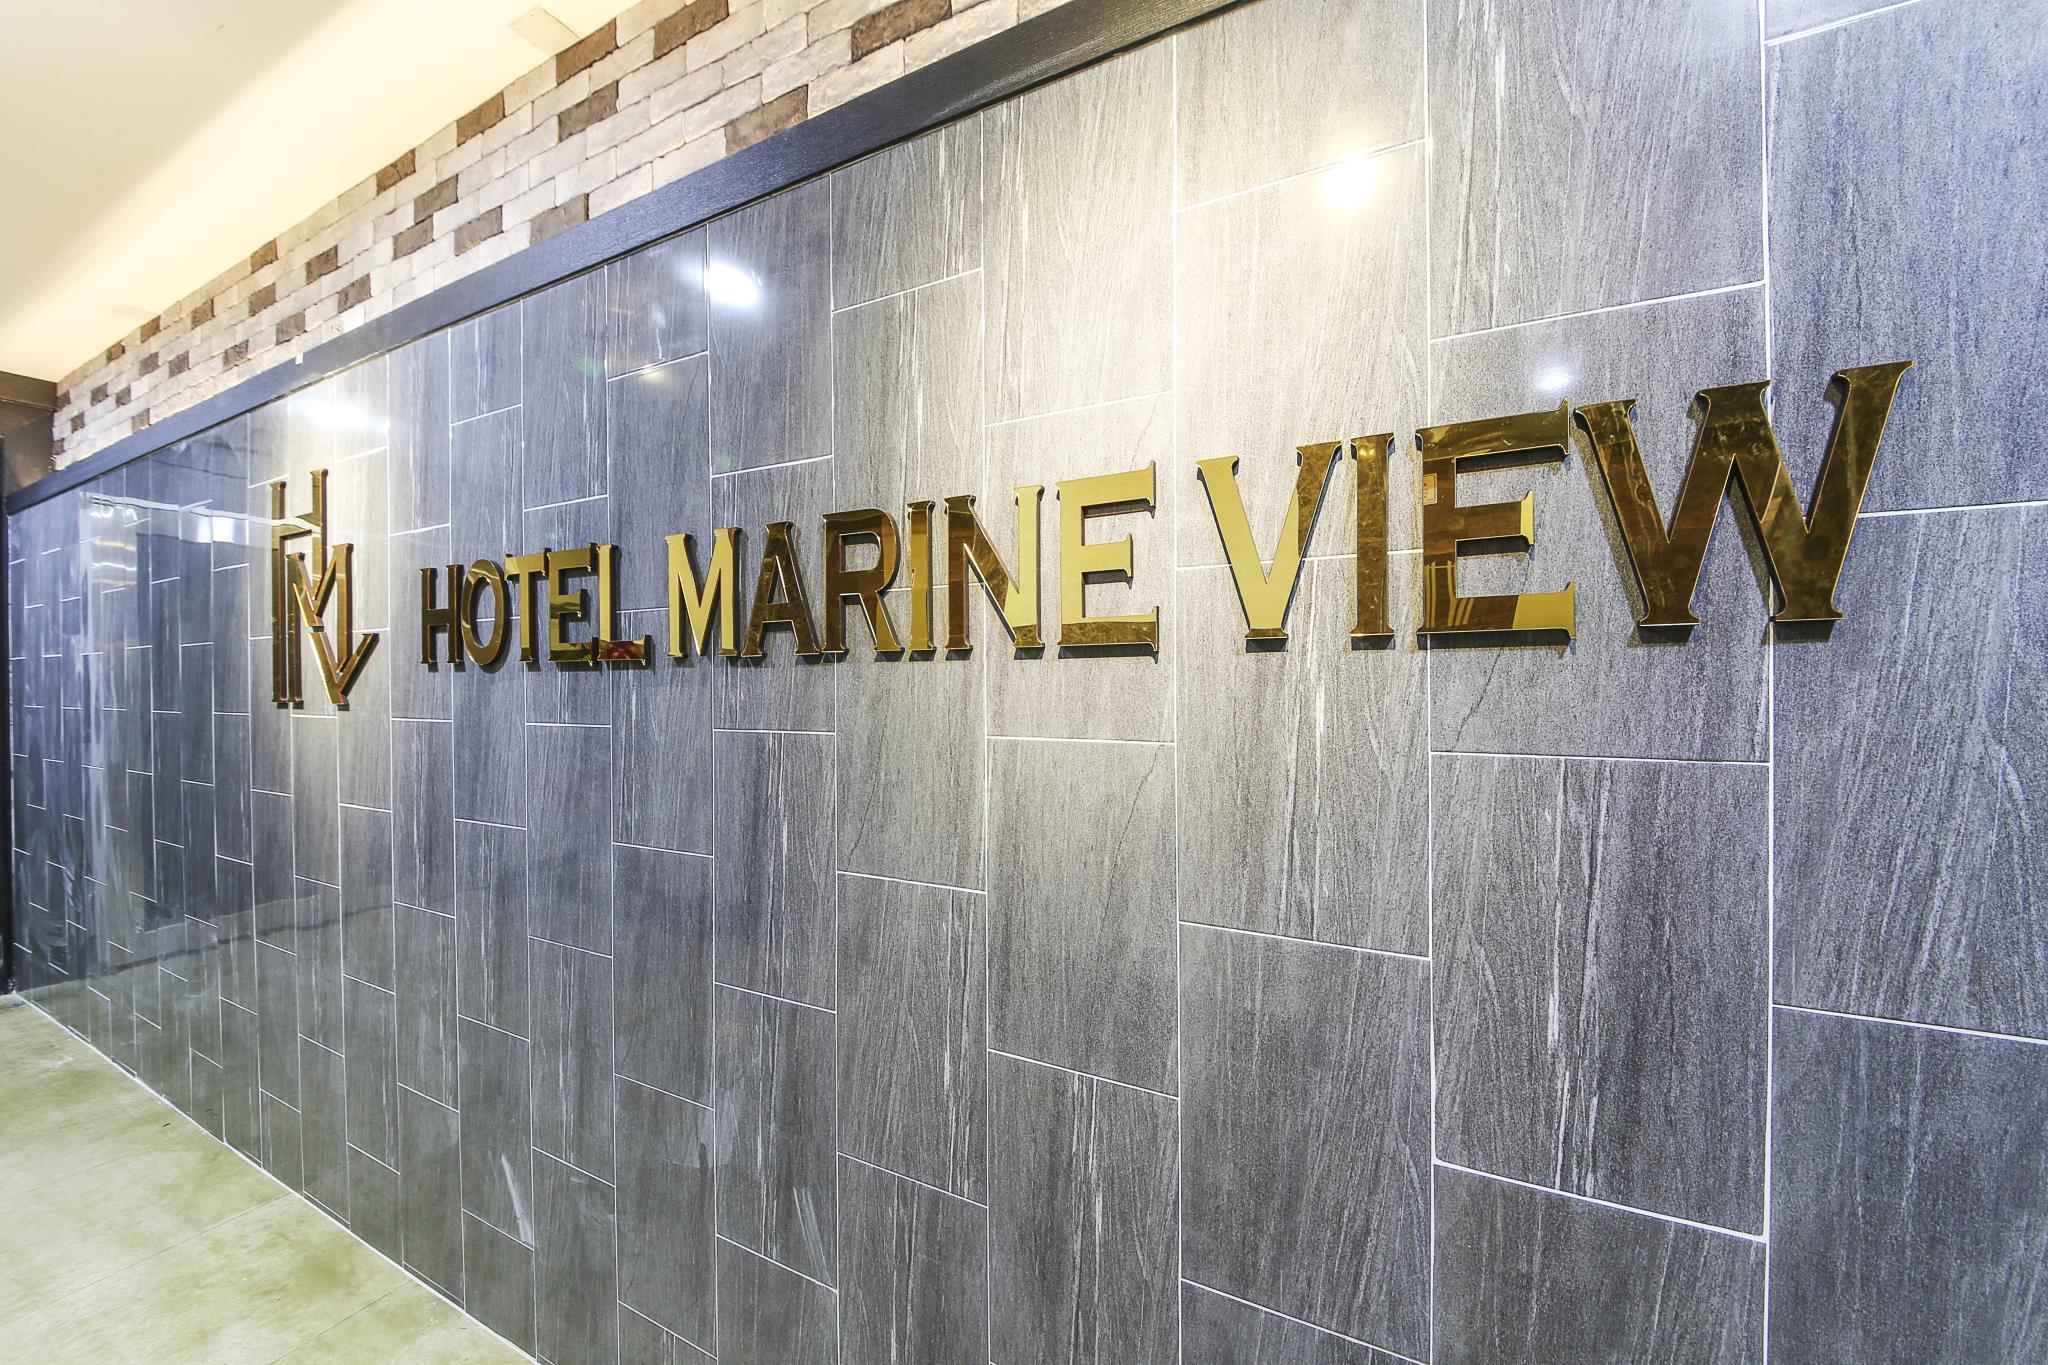 Hotel Marineview